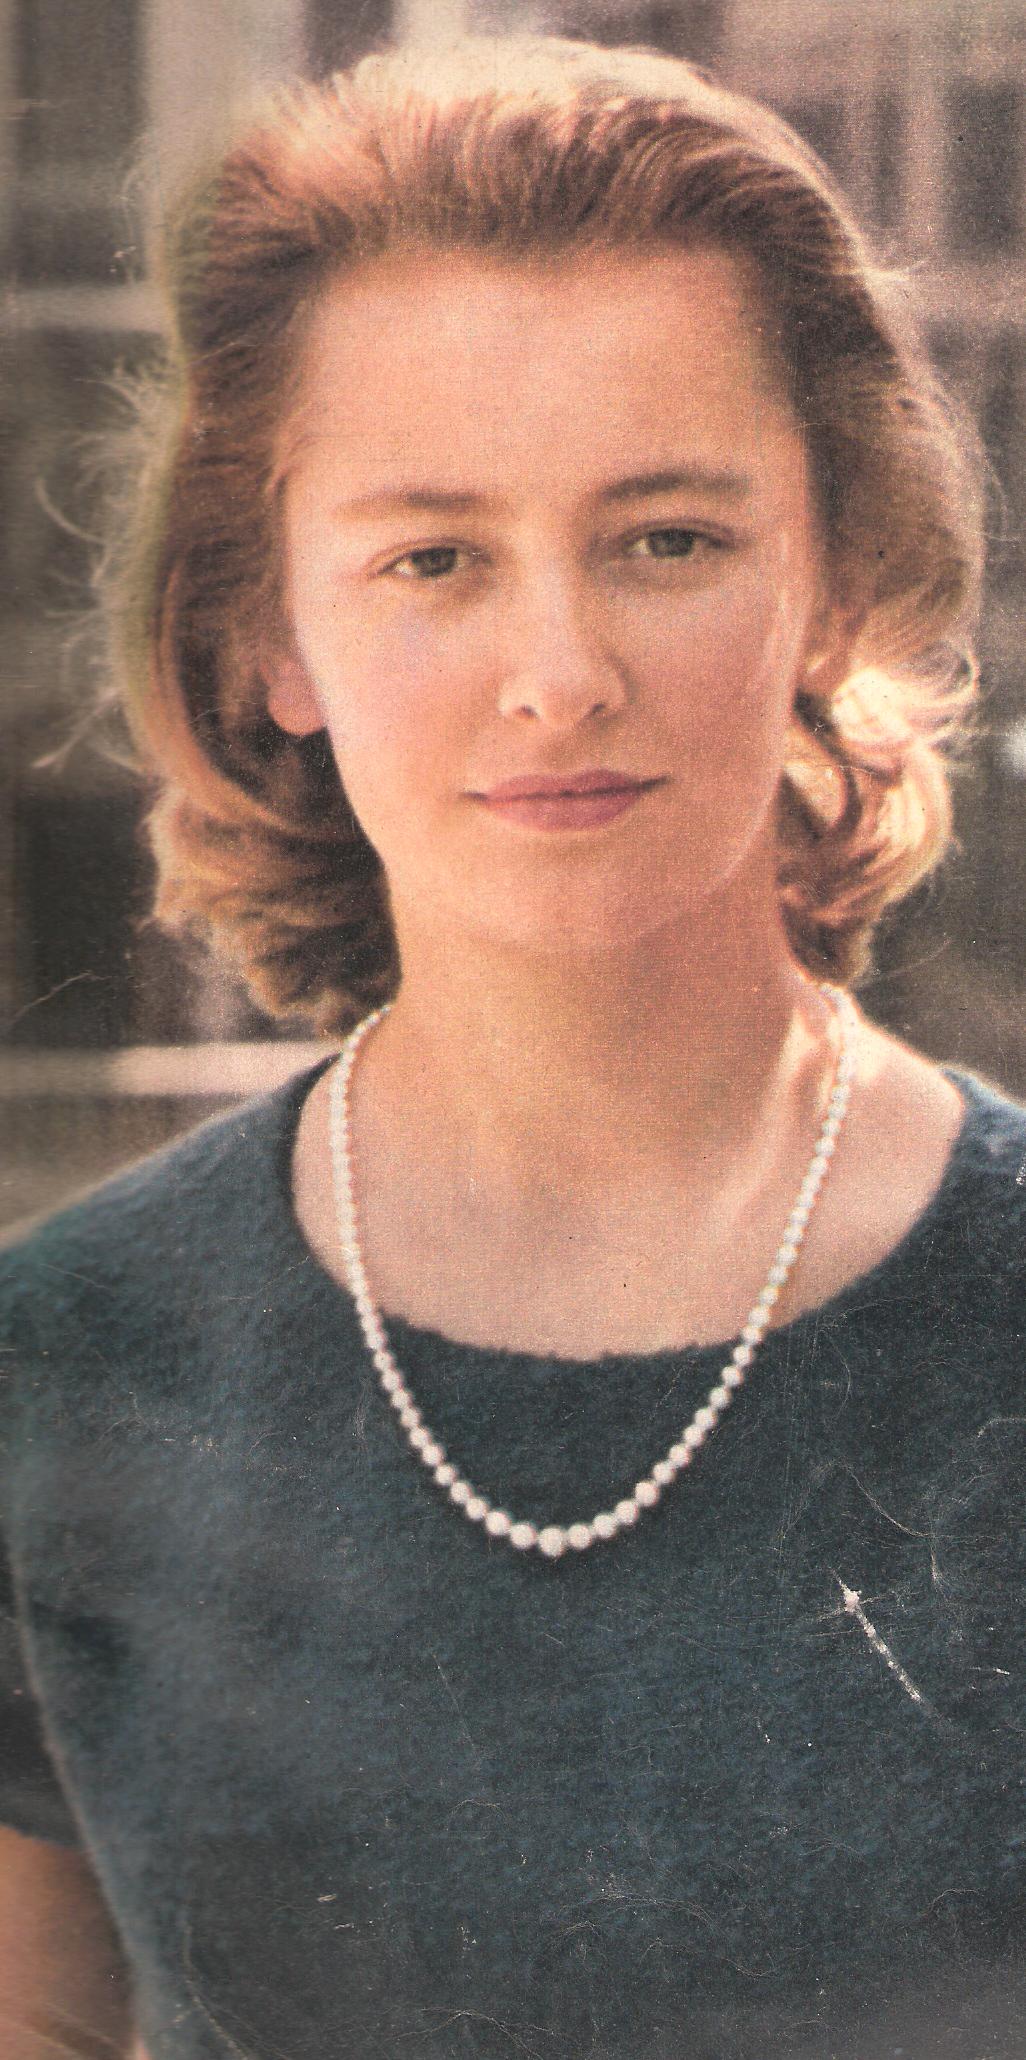 La princesse Paola en 1959 en couverture du magazine PARIS MATCH n°528. (scanner une parti de la couverture).